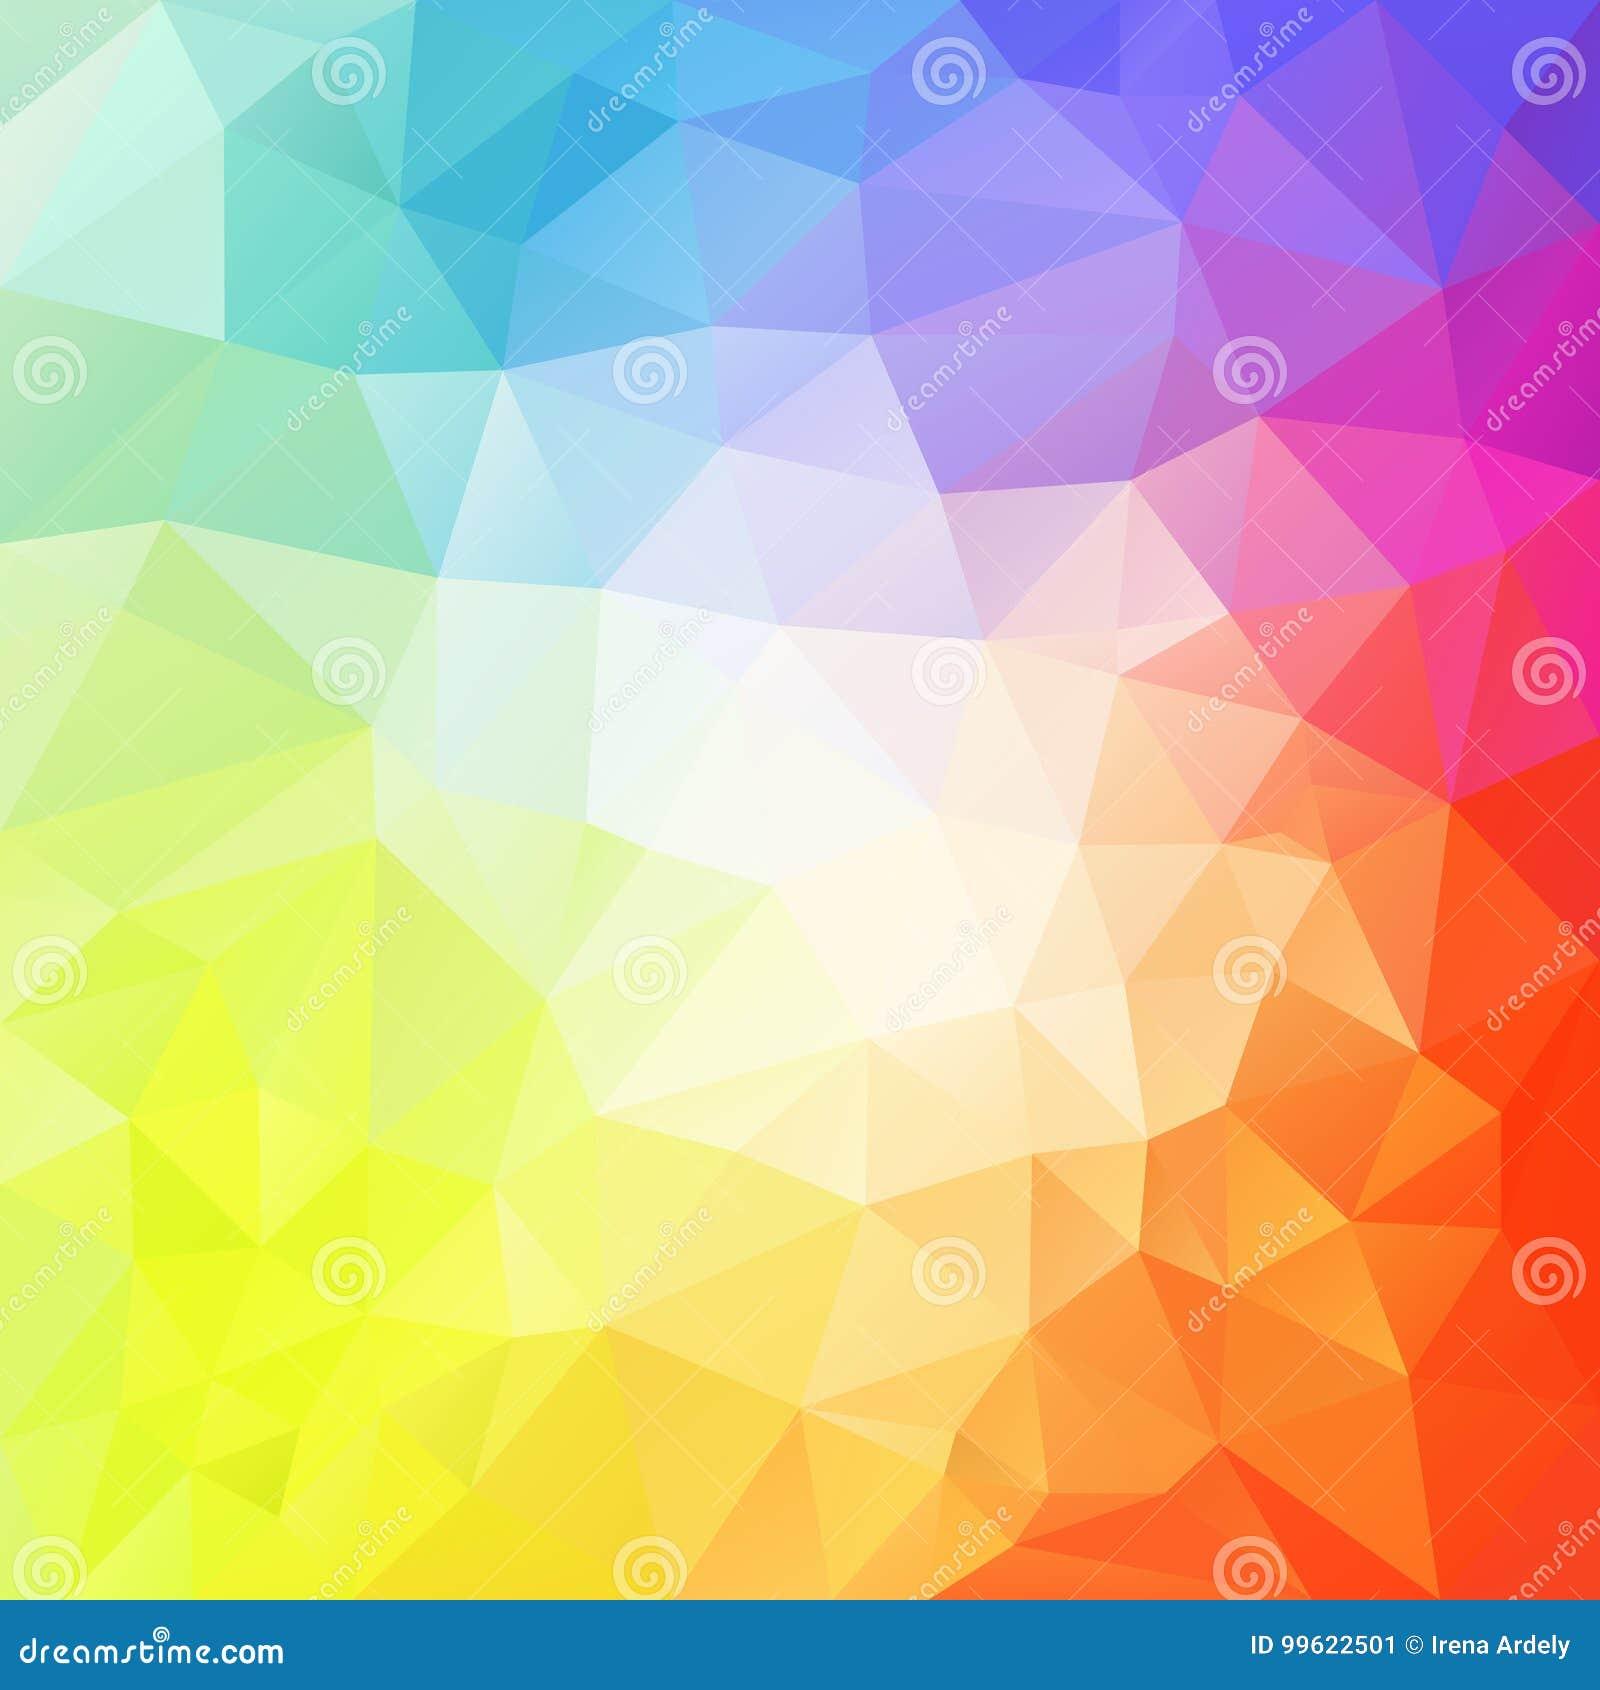 Fundo irregular abstrato do polígono com um teste padrão do triângulo no espectro de cor completa pastel claro com reflexão no MI